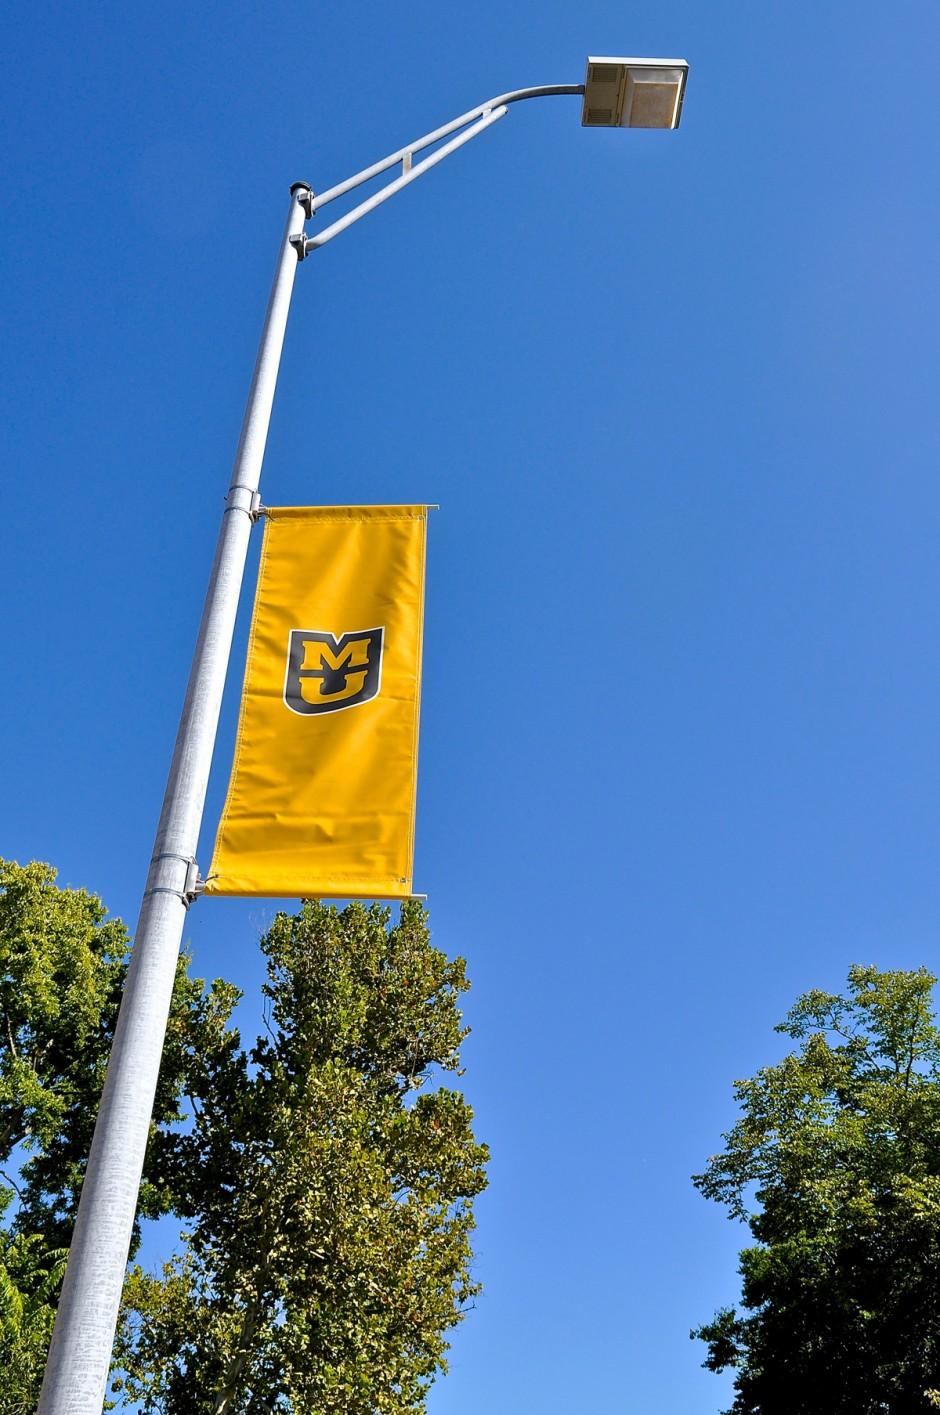 MU banners on a lamppost.